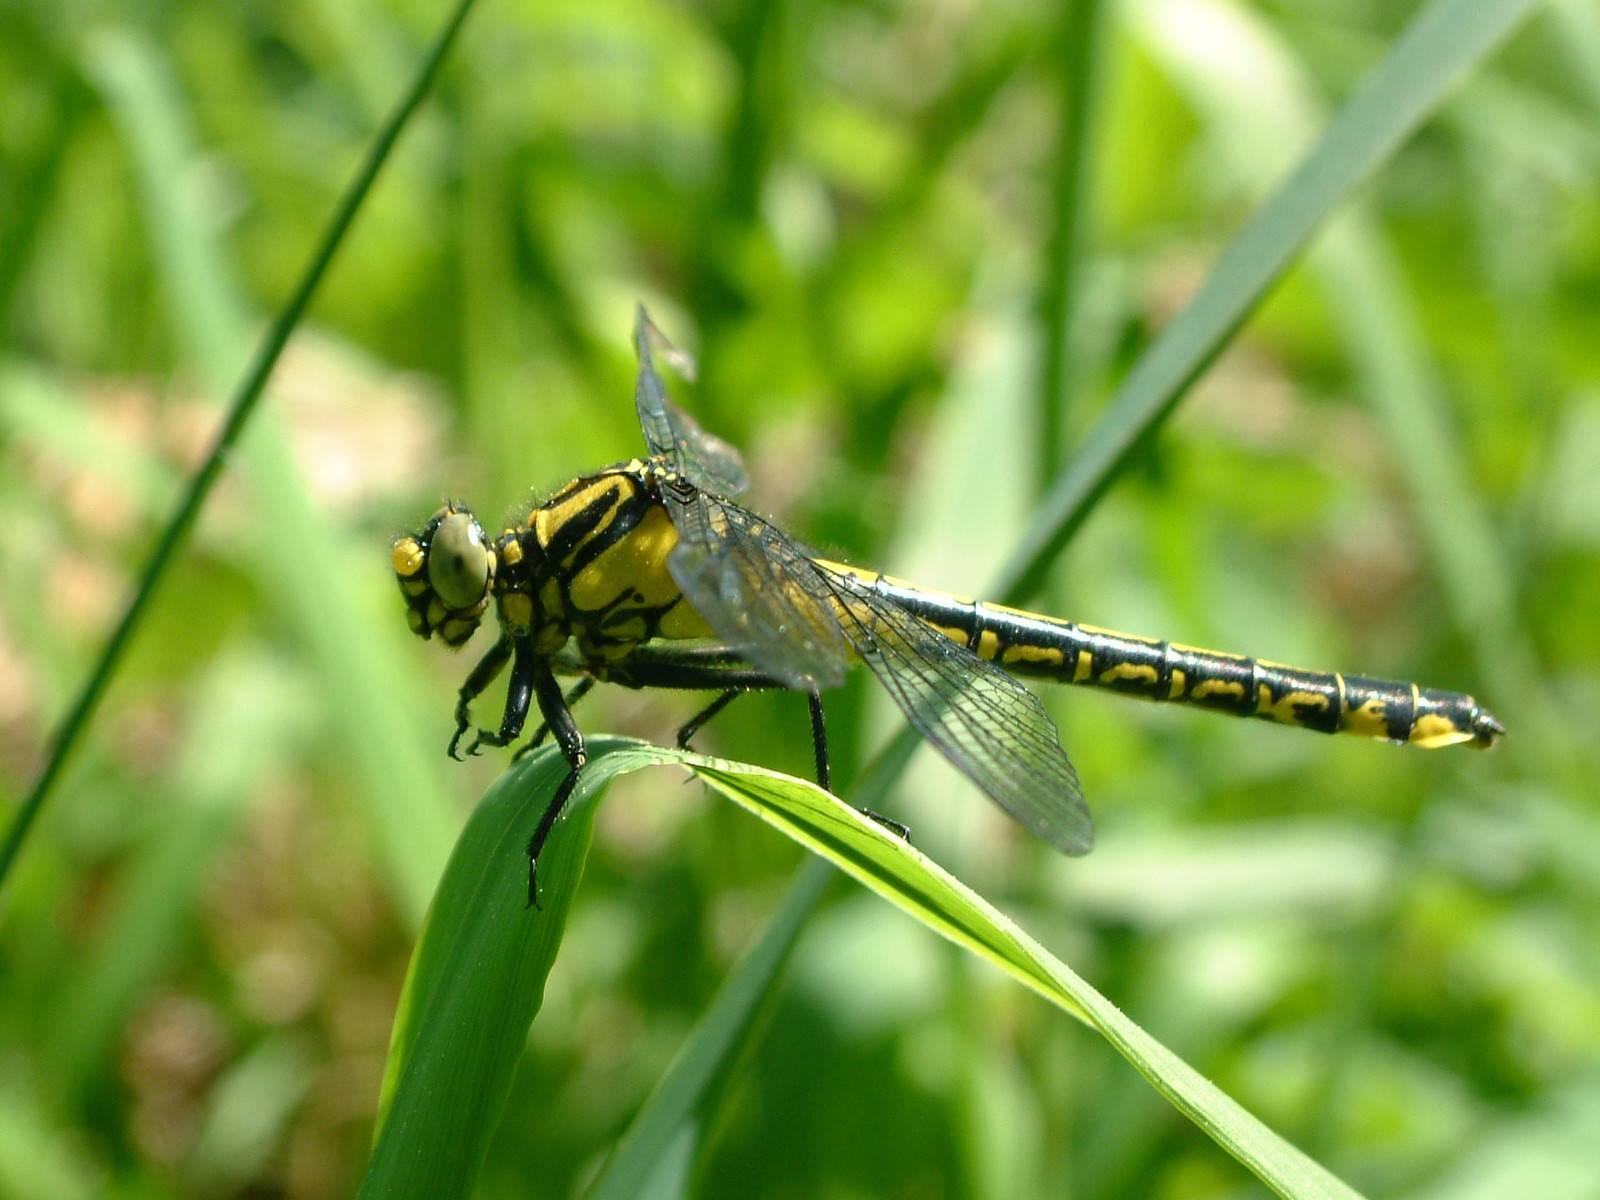 Дедка рогатый: особенности внешнего вида и образа жизни речных стрекоз